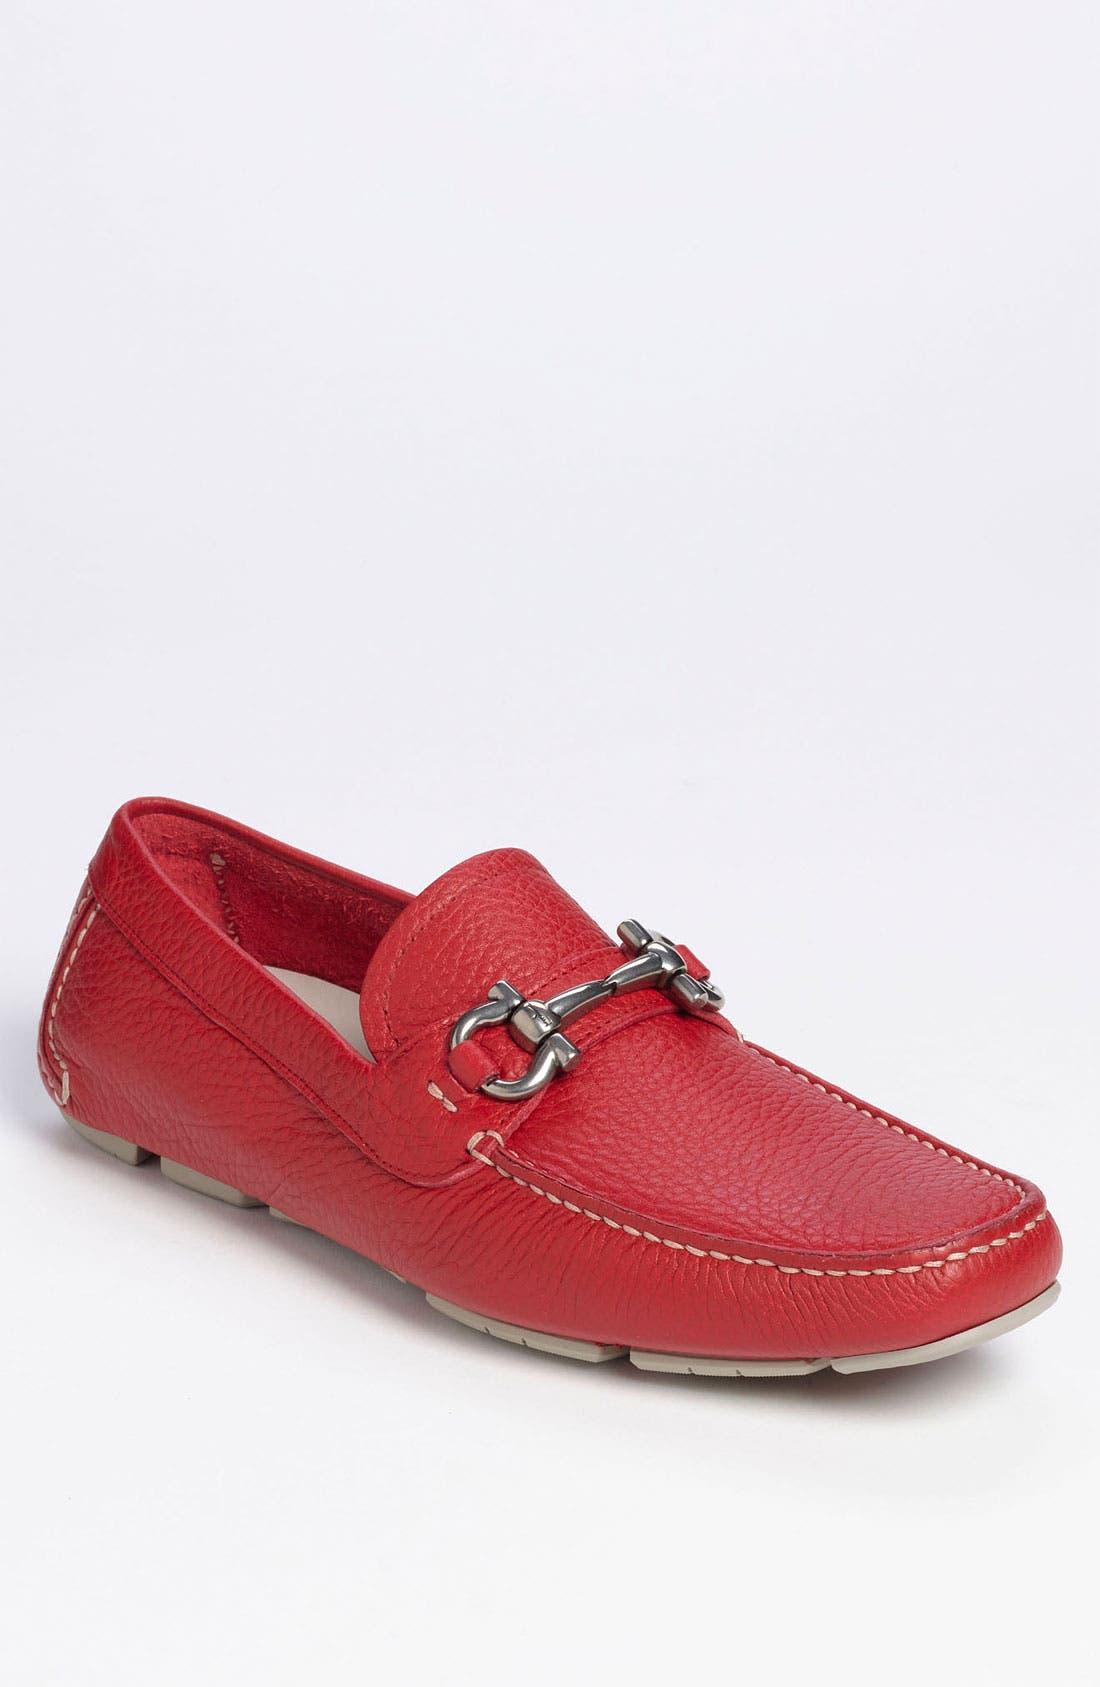 Alternate Image 1 Selected - Salvatore Ferragamo 'Parigi' Driving Shoe